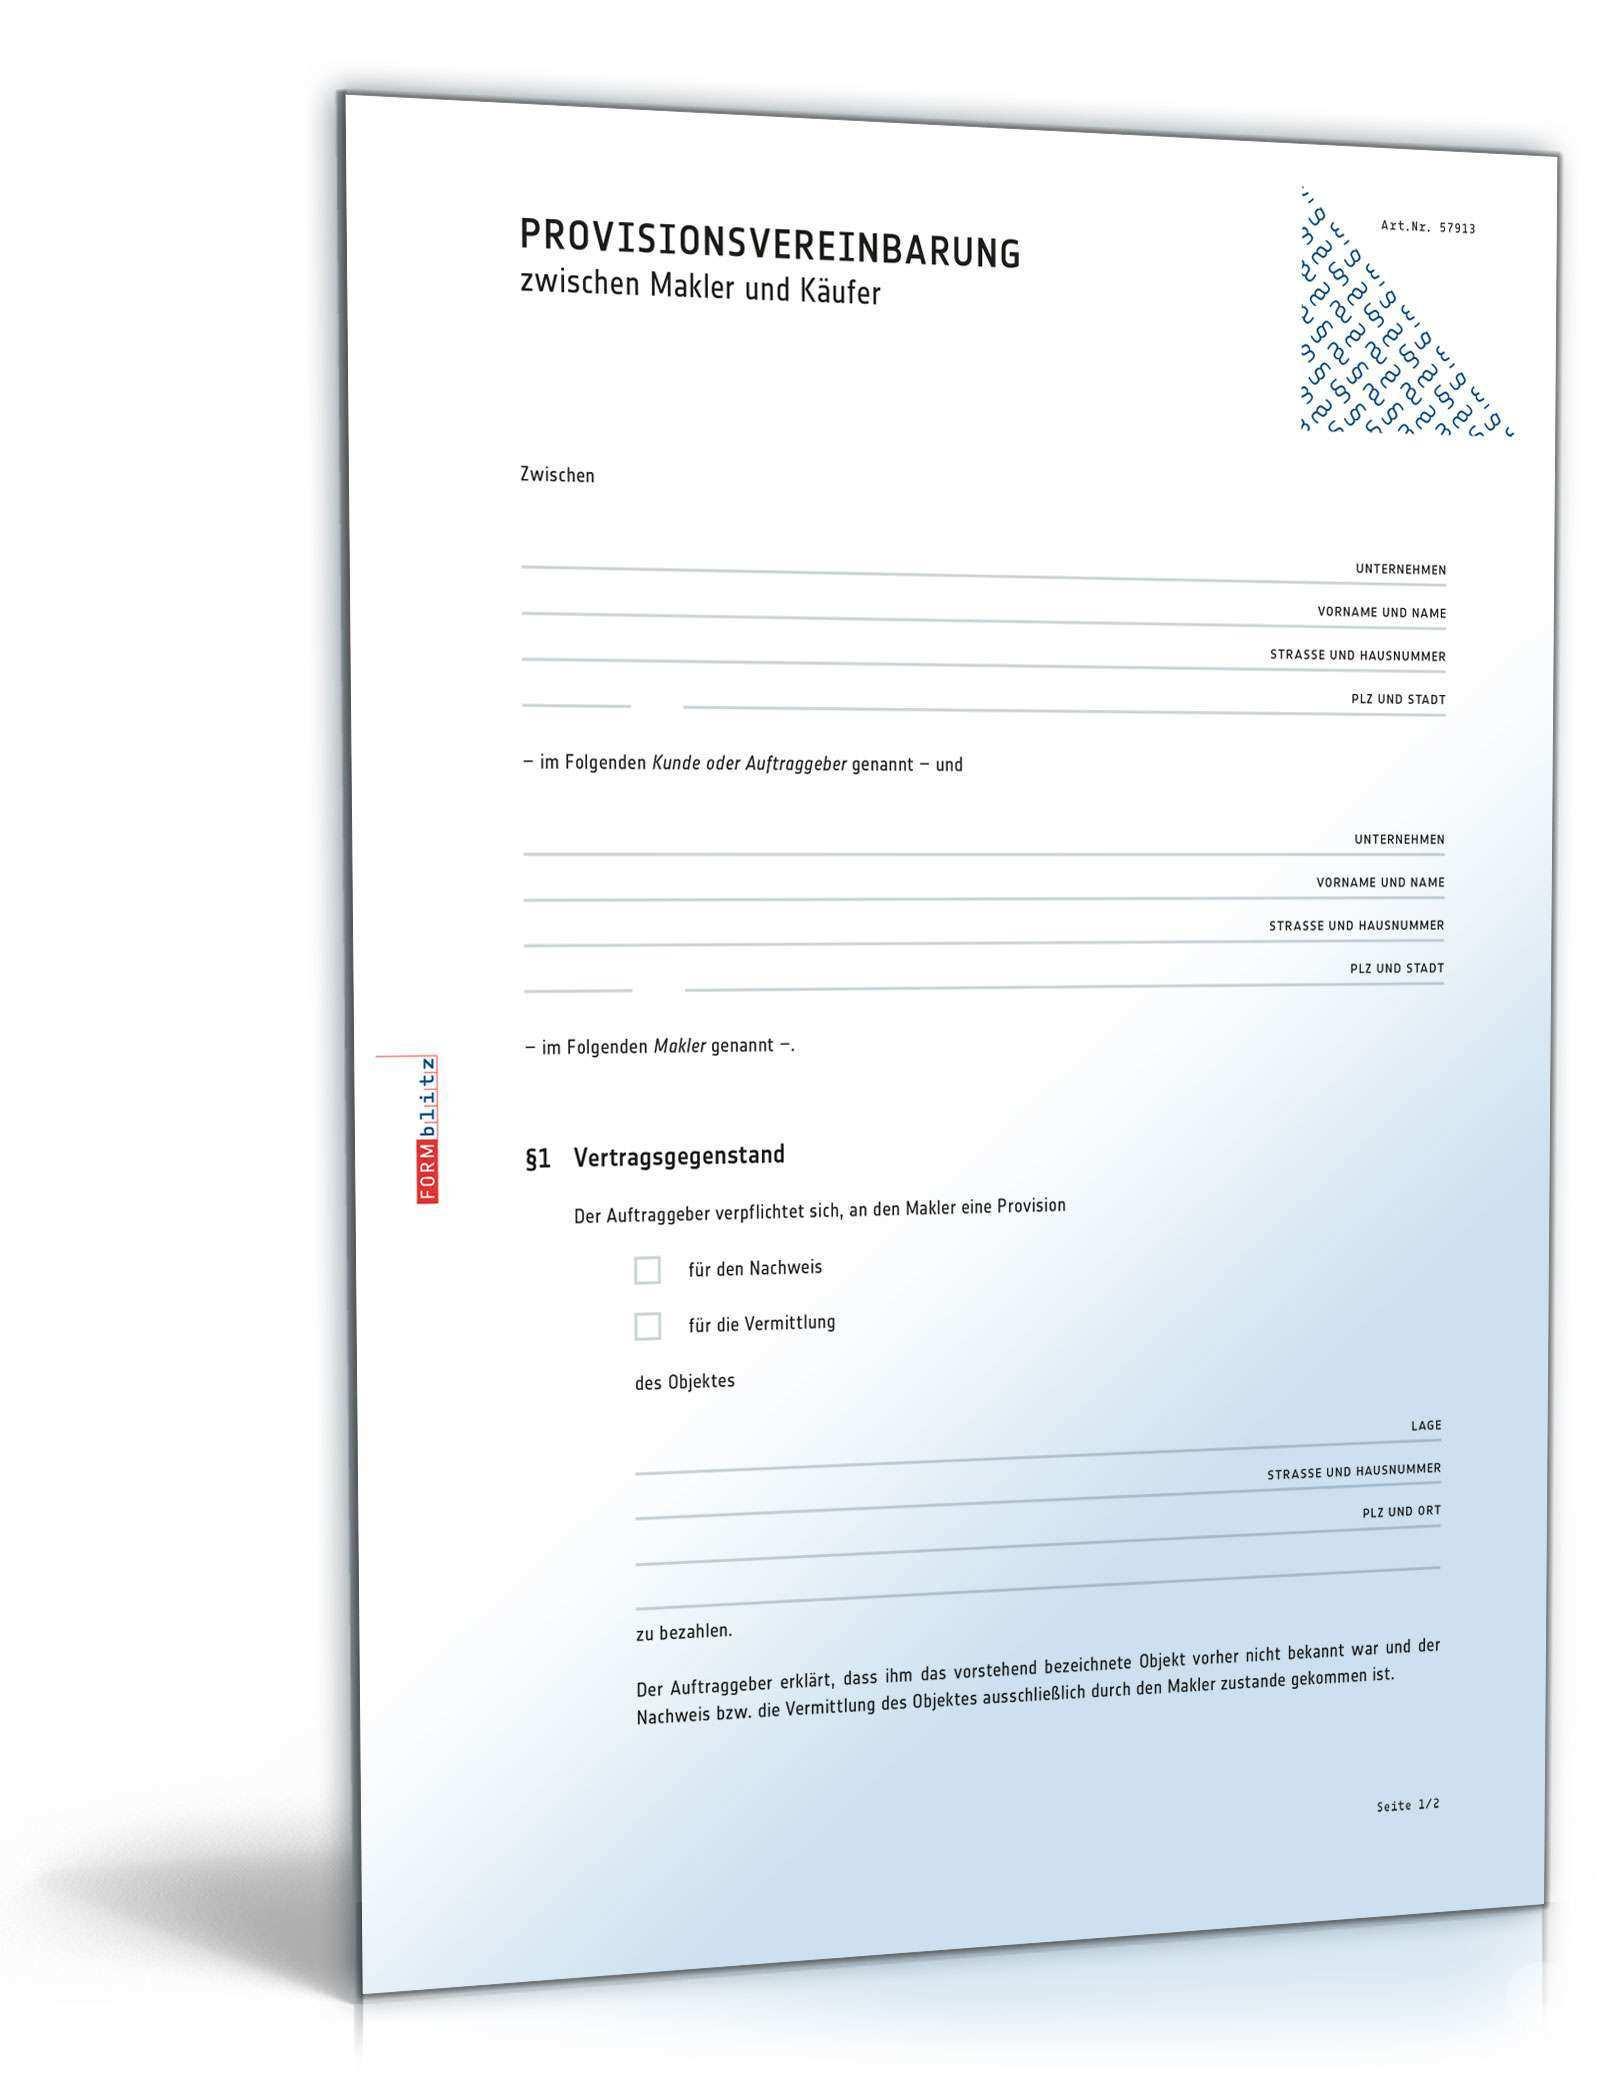 Nachweisbestatigung Makler Und Kaufer Vorlage Zum Download